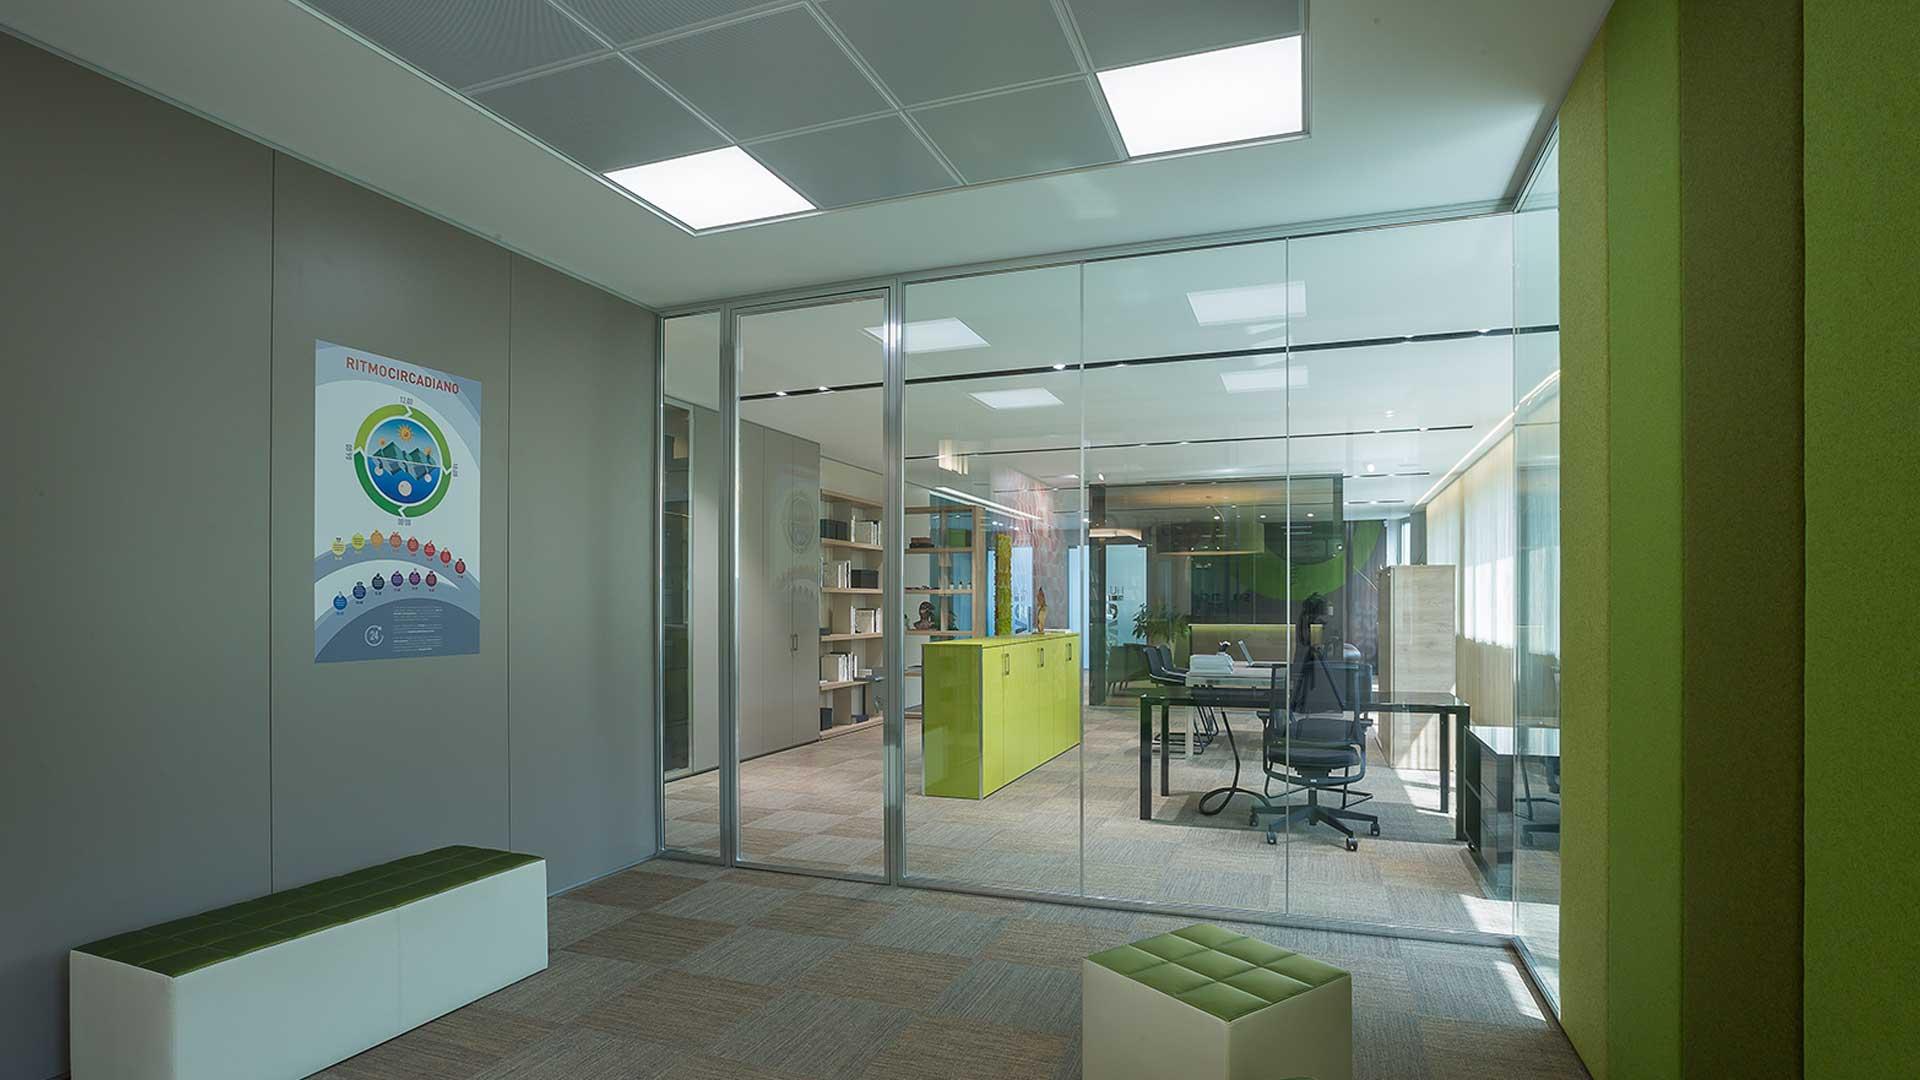 Illuminazione-integrata-nell'arredo-ufficio-LevelHUB